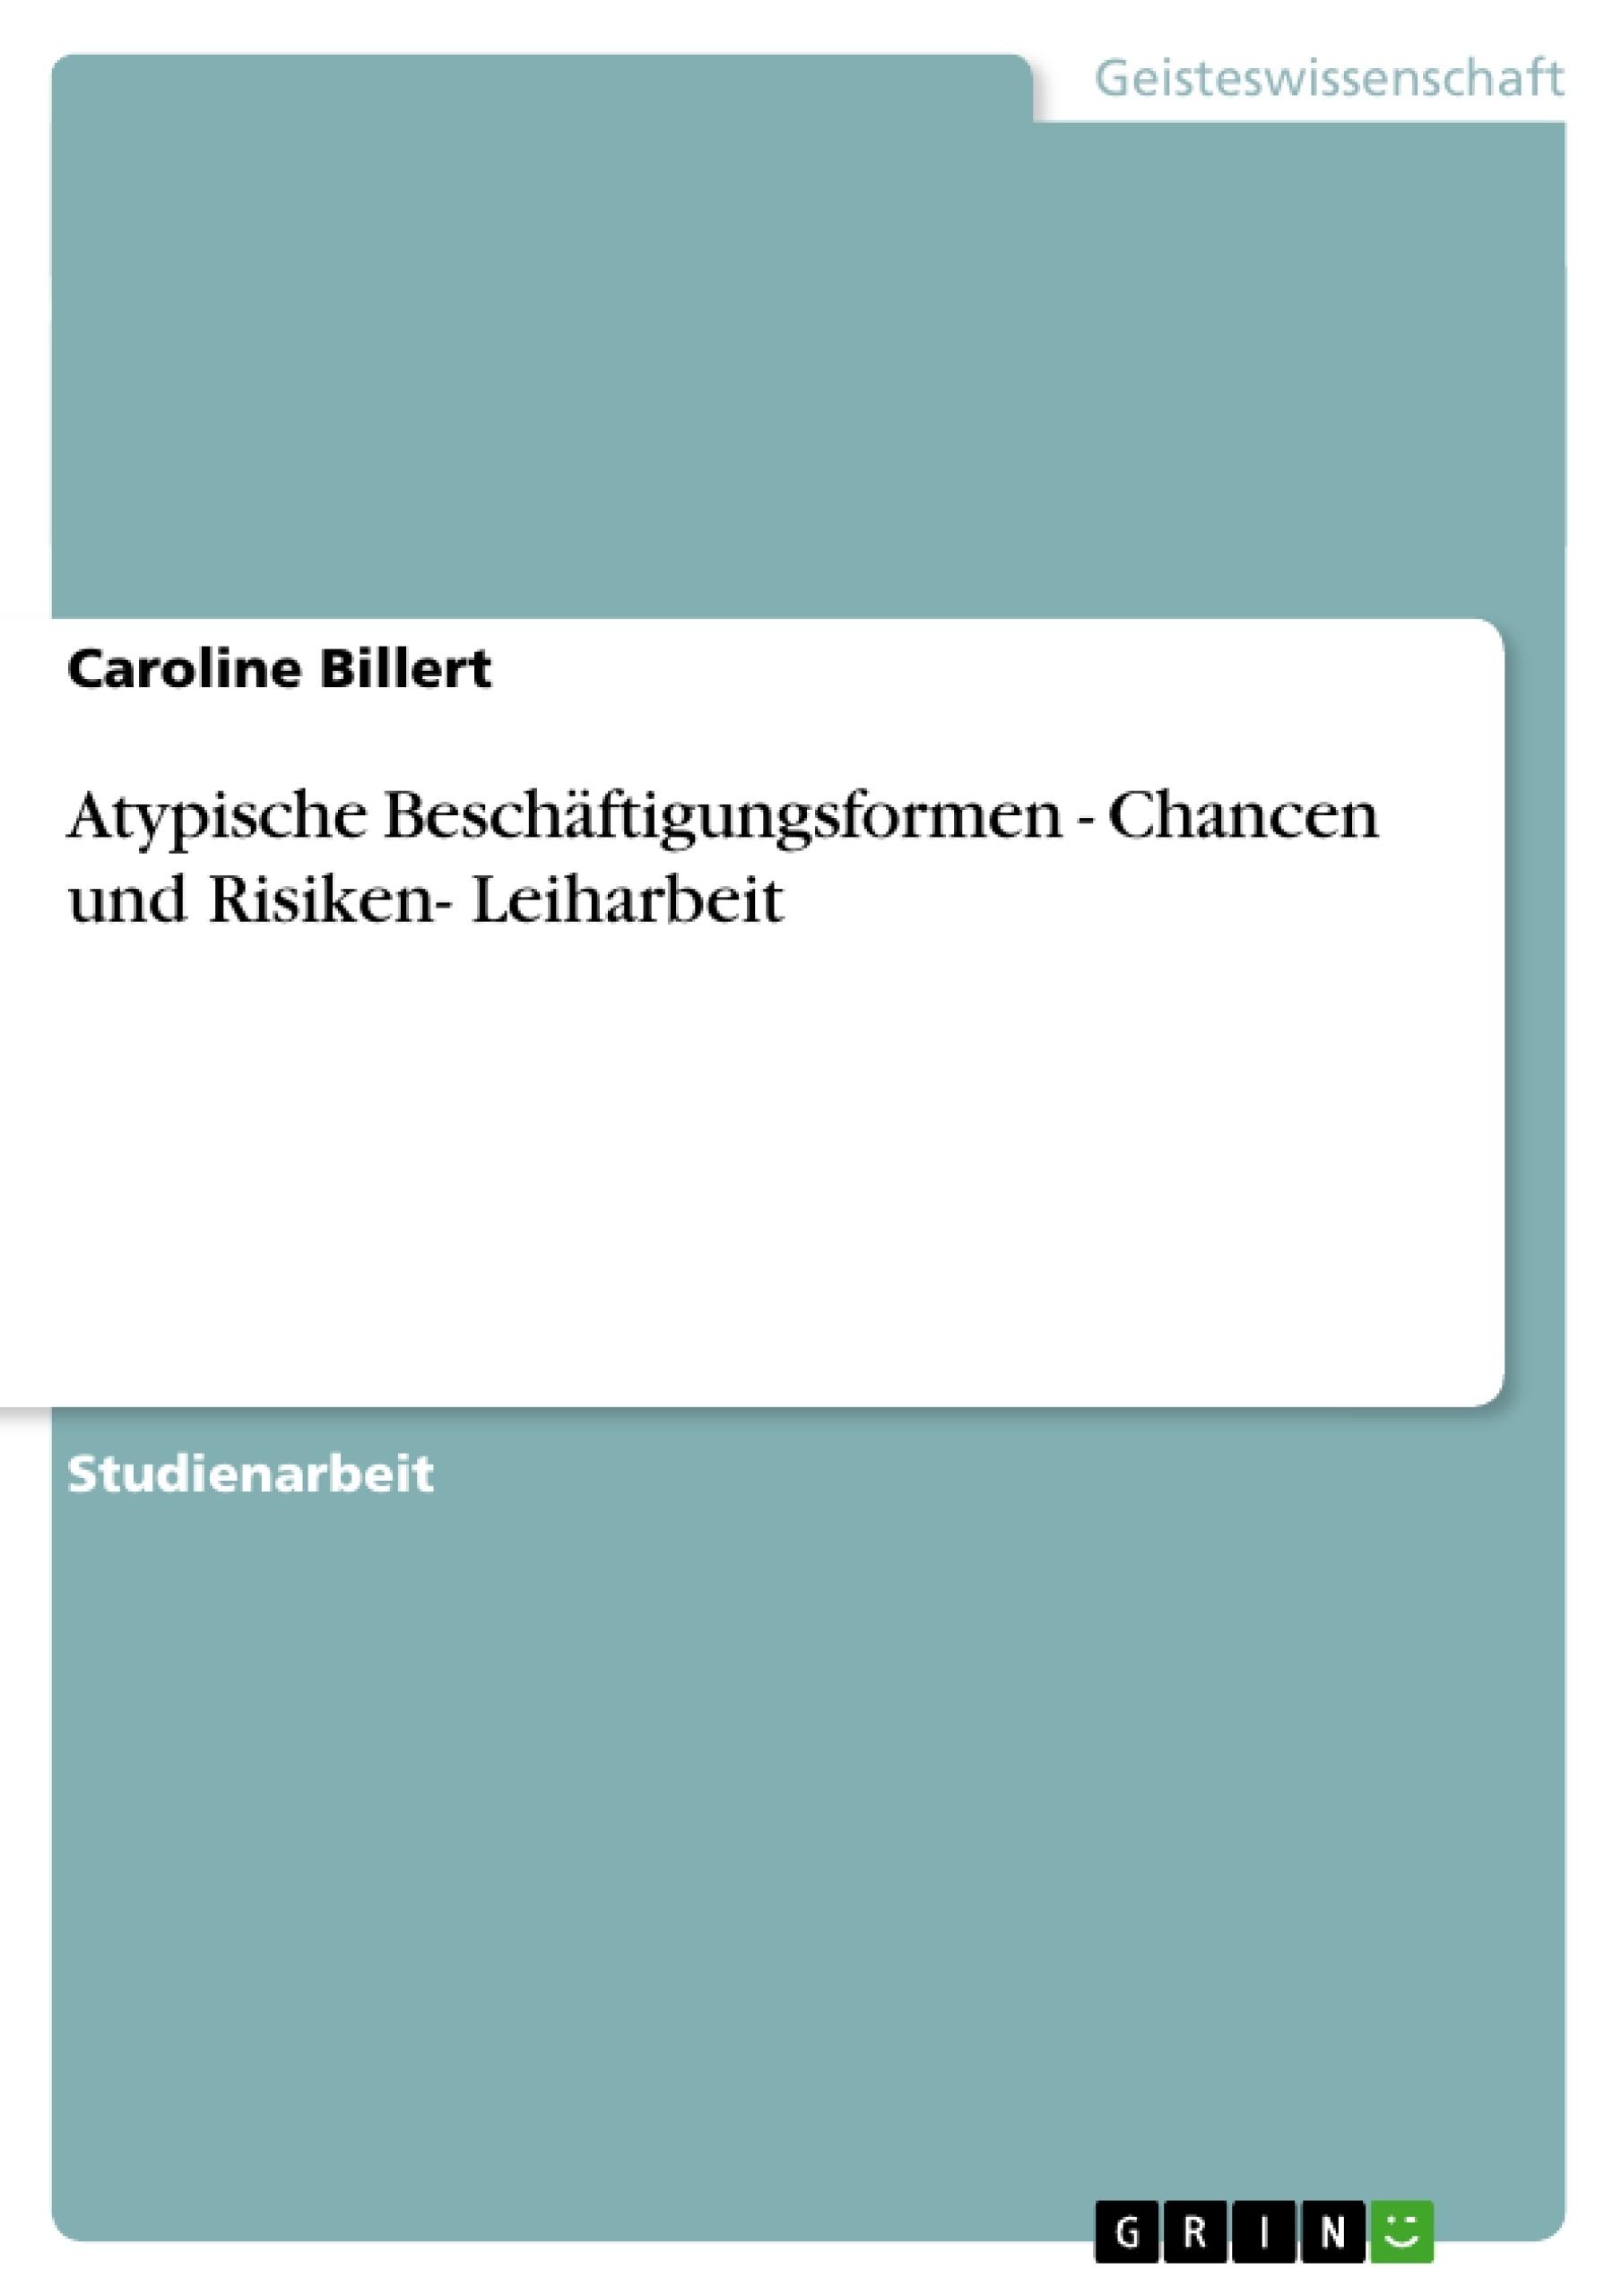 Titel: Atypische Beschäftigungsformen - Chancen und Risiken- Leiharbeit